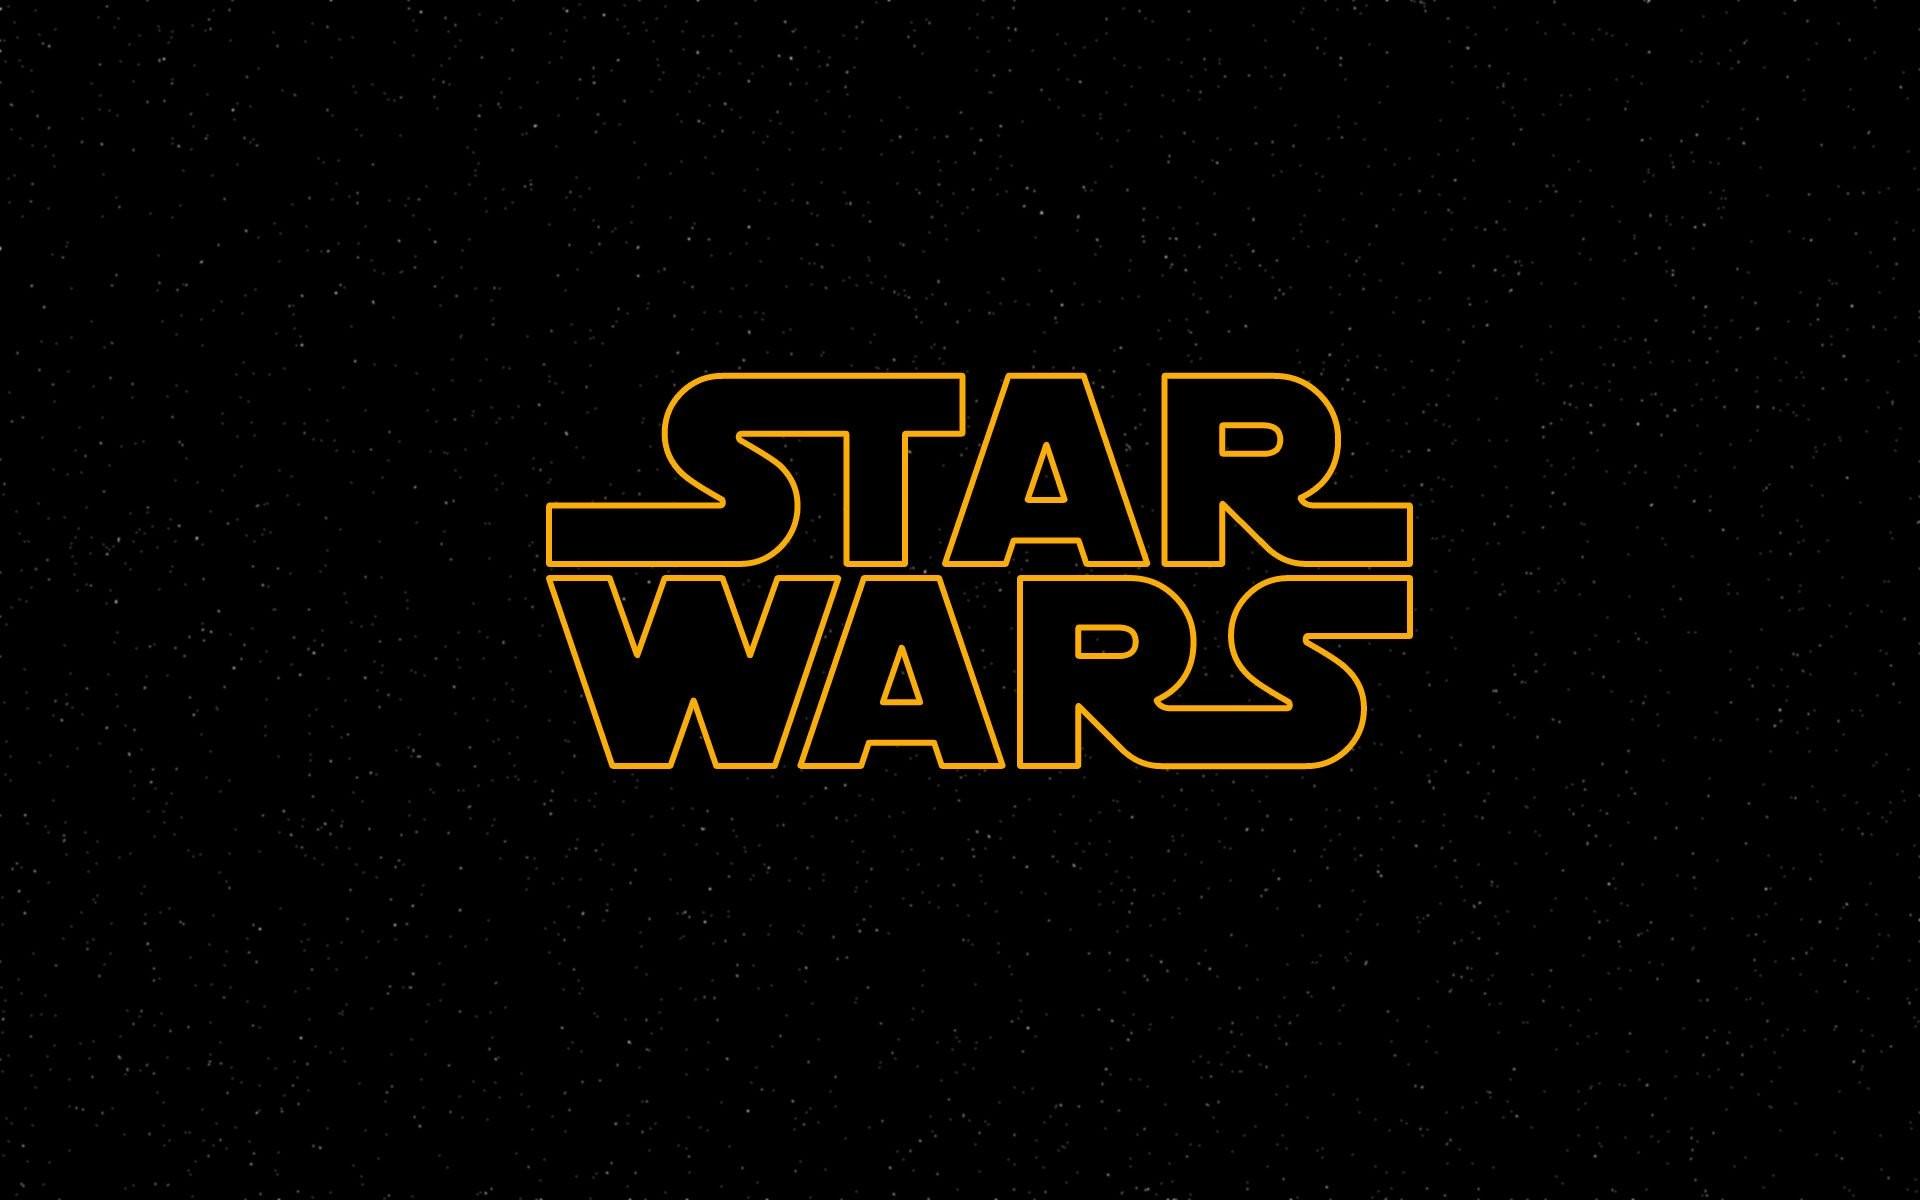 star-wars-wallpaper-stars-logo-desktop-archives.jpg (